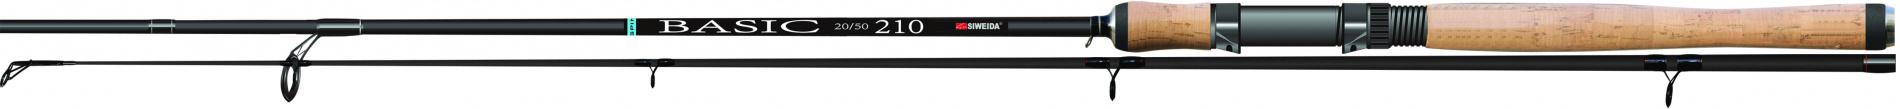 Спиннинг шт. SWD BASIC 2,7м карбон IM6 (5-20г)Спинниги<br>Бюджетный штекерный спиннинг длиной 2,7м <br>и тестом 10-30г, выполненный из карбона IM6. <br>Комплектуется качественными пропускными <br>кольцами SIС, современным катушкодержателем. <br>Рукоять спиннинга изготовлена из пробки. <br>Несмотря на не высокую цену, спиннинг обладает <br>быстрым строем, имеет небольшой вес и высокую <br>прочность. Рекомендуется использовать <br>при ловле хищника, как с берега, так и с лодки.<br>